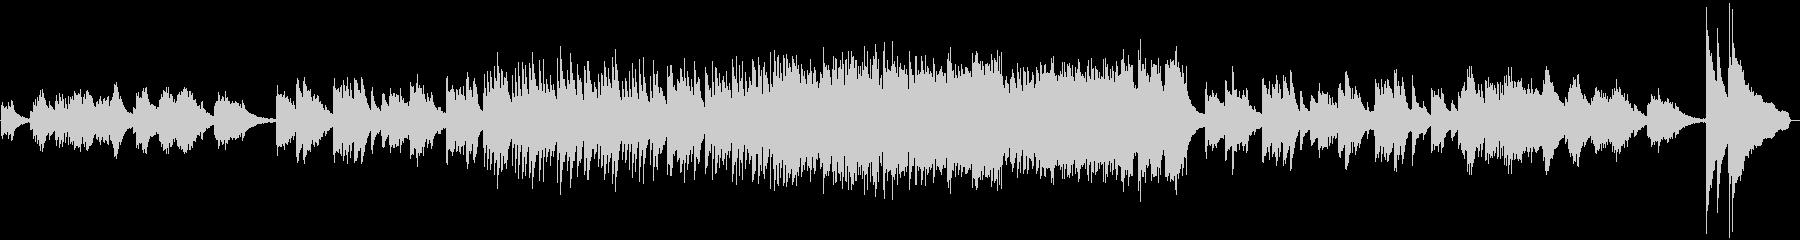 メロウで上品な大人のタンゴピアノ曲の未再生の波形